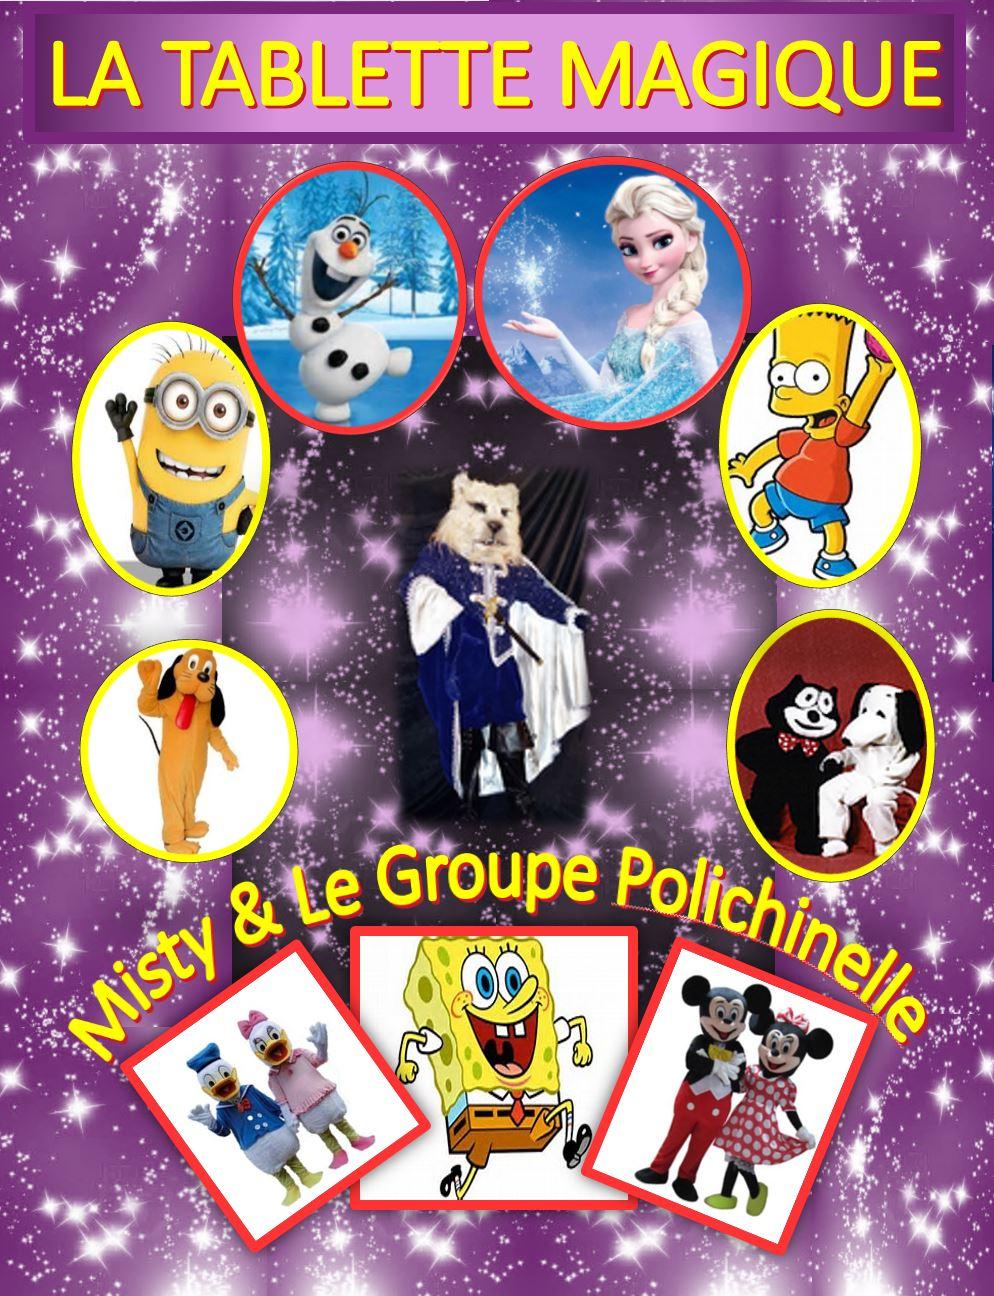 Tablette Magique Plaquette Image v05